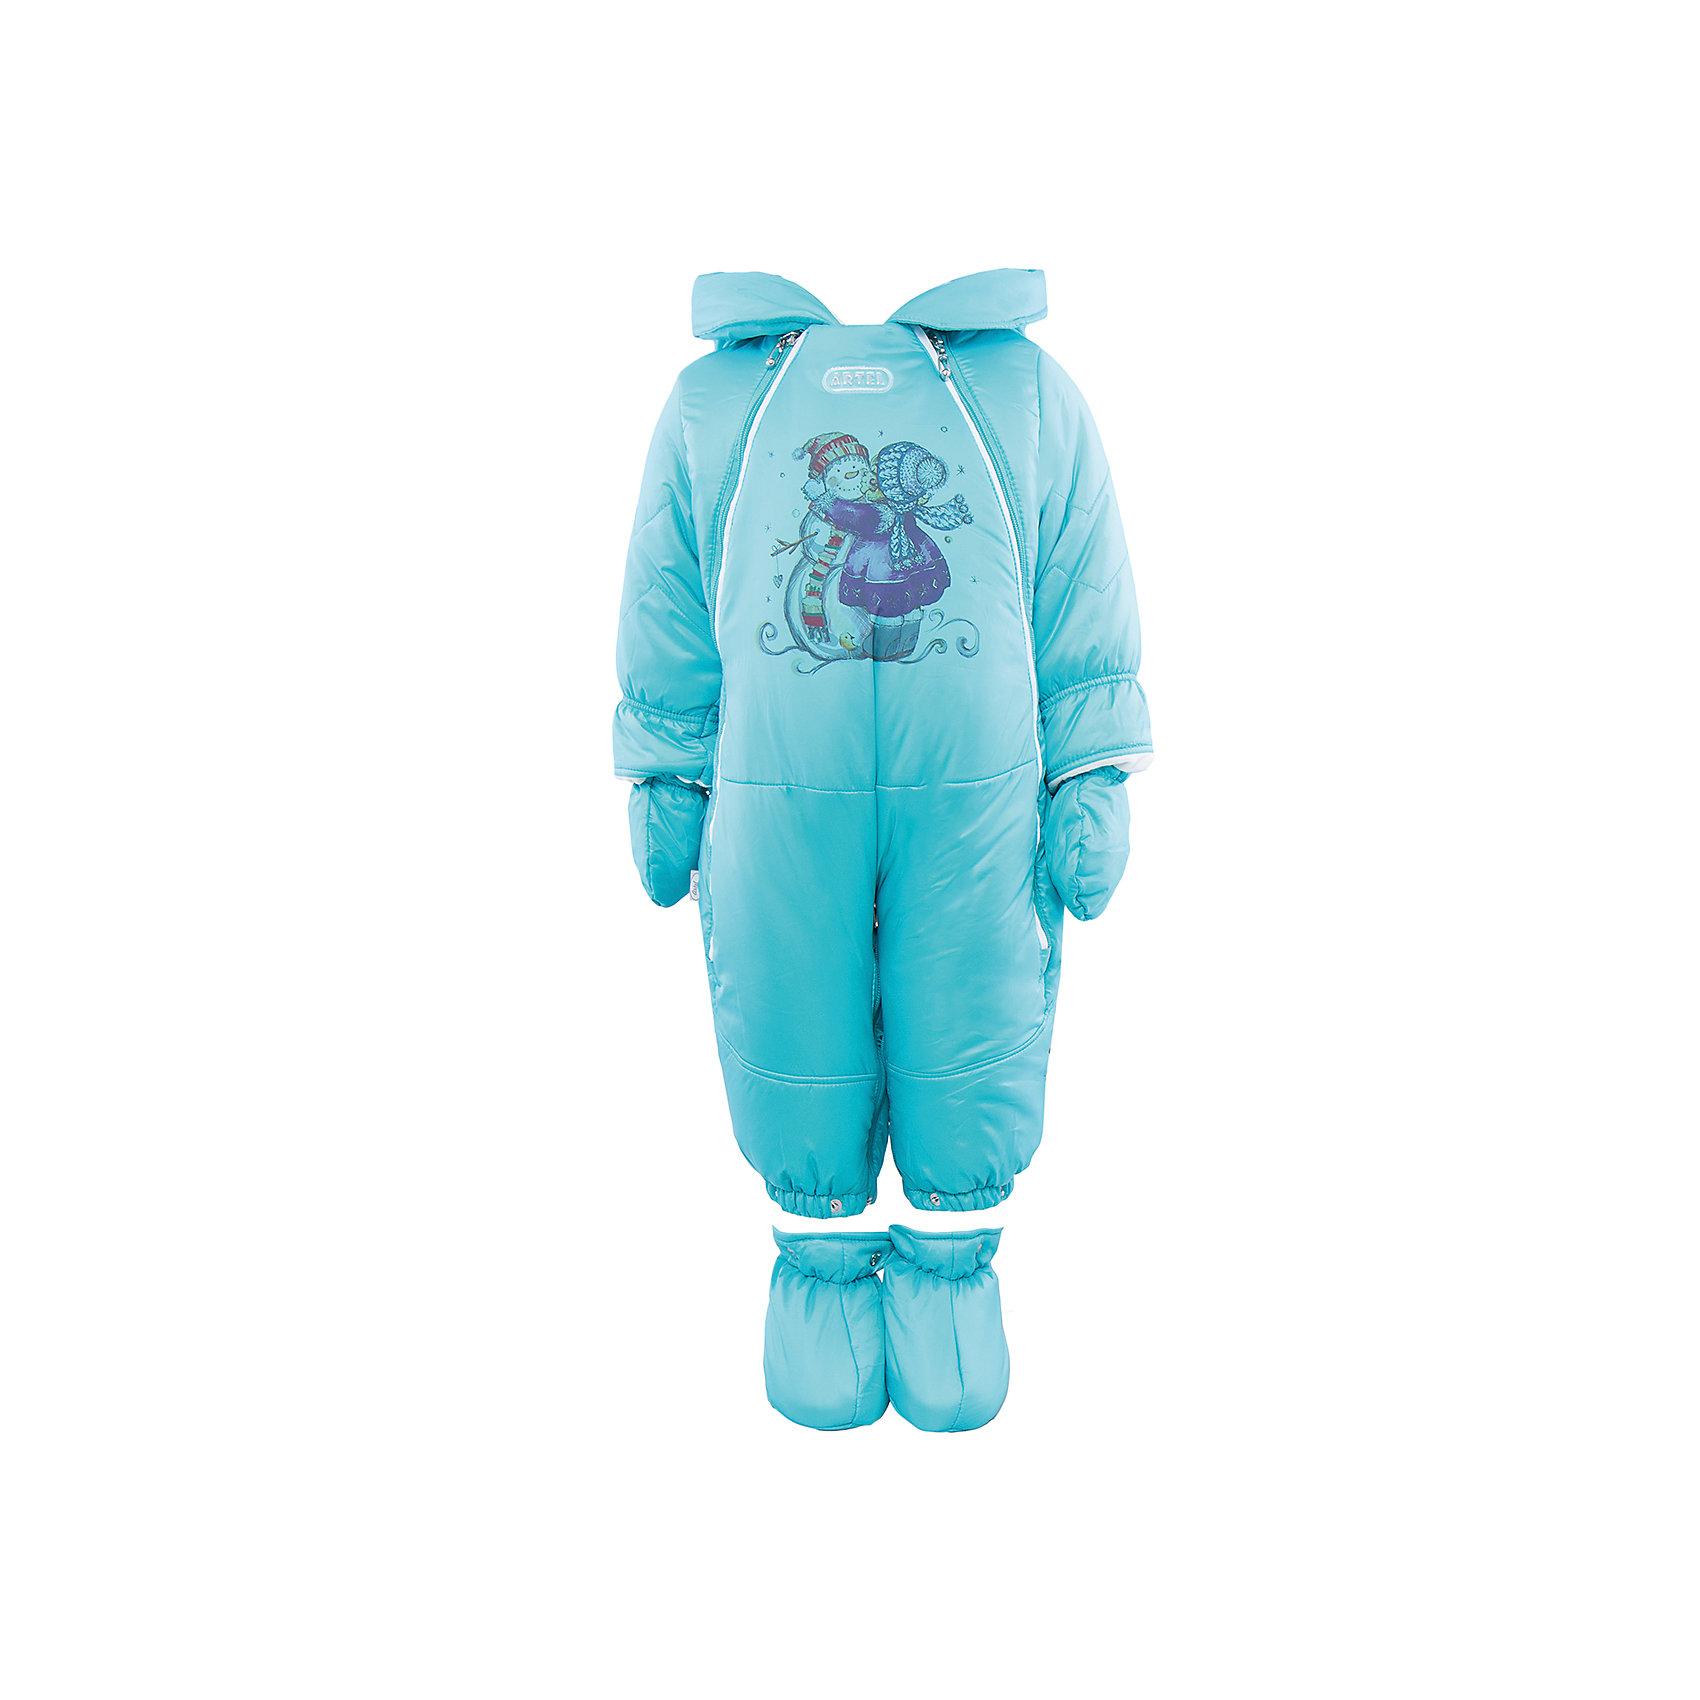 Комбинезон-трансформер на овчине для мальчика АртельВерхняя одежда<br>Комбинезон-трансформер для мальчика от известного бренда Артель<br>Комбинезон-трансформер - это отличный вариант одежды для прогулок в холодное время года. Он выполняет функцию полноценного костюма с ножками, в котором удобно носить ребенка на руках, или перевозить в автокресле и теплого уютного спального конверта, в котором ребенку комфортно находиться в коляске. Комбинезон трансформируется в конверт с помощью дополнительных молний. <br>Состав:<br>Верх: YSD 819<br>Подкладка: интерлок<br>Утеплитель: термофайбер 200гр<br>Подстежка: овчина<br><br>Ширина мм: 356<br>Глубина мм: 10<br>Высота мм: 245<br>Вес г: 519<br>Цвет: голубой<br>Возраст от месяцев: 6<br>Возраст до месяцев: 9<br>Пол: Мужской<br>Возраст: Детский<br>Размер: 74,62,68<br>SKU: 4963489